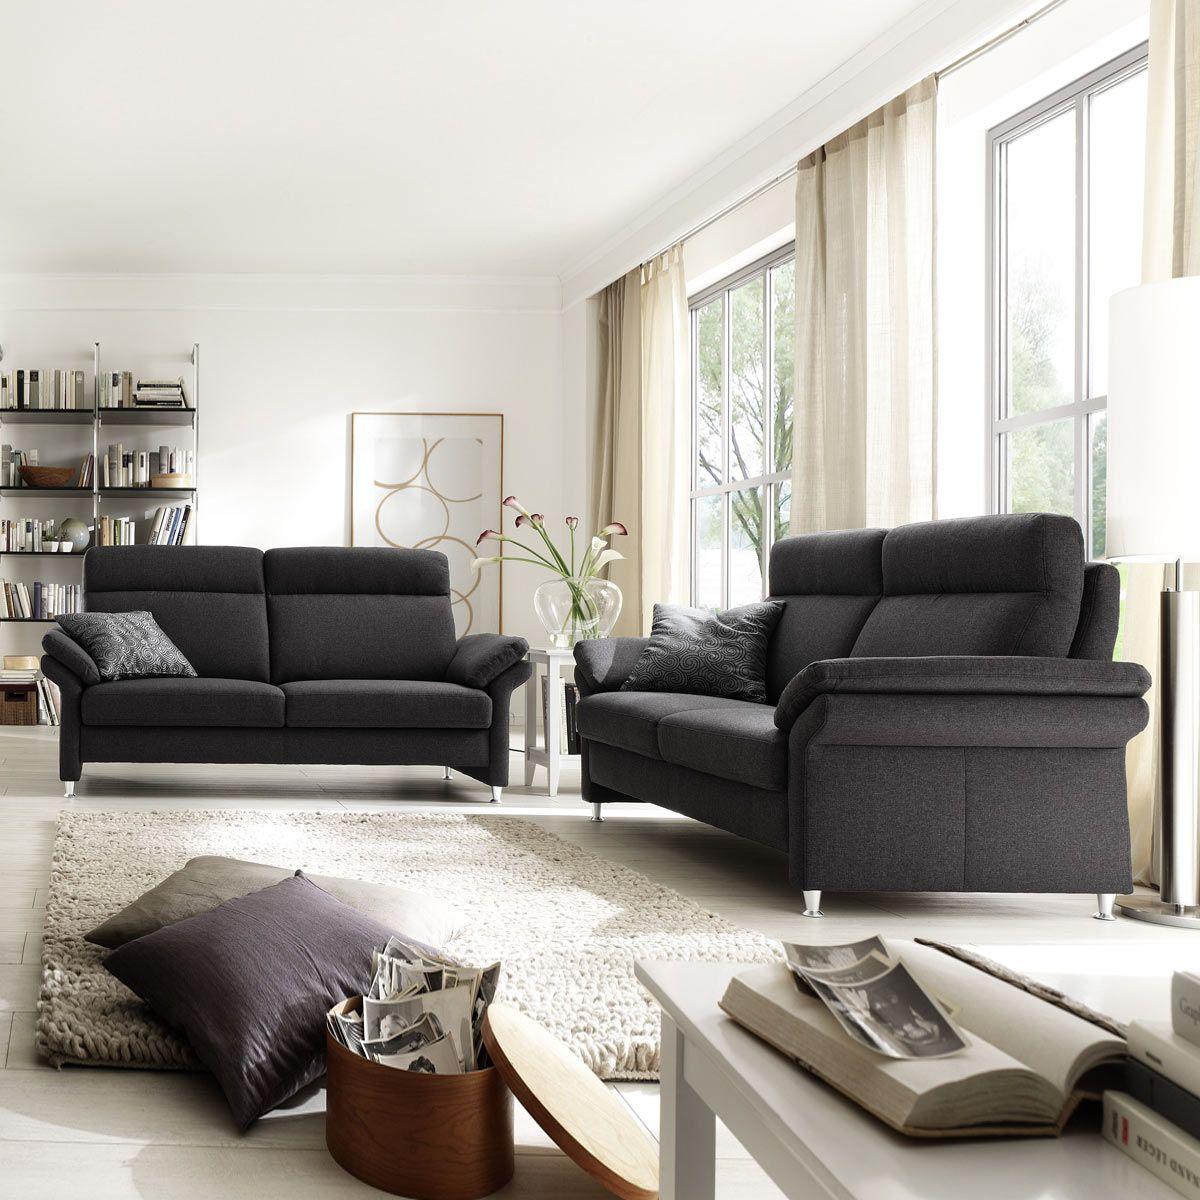 Amazing Mit Der #321 Garnitur Horsens Den #Feierabend Genießen. #Wohnzimmer # Garnitur